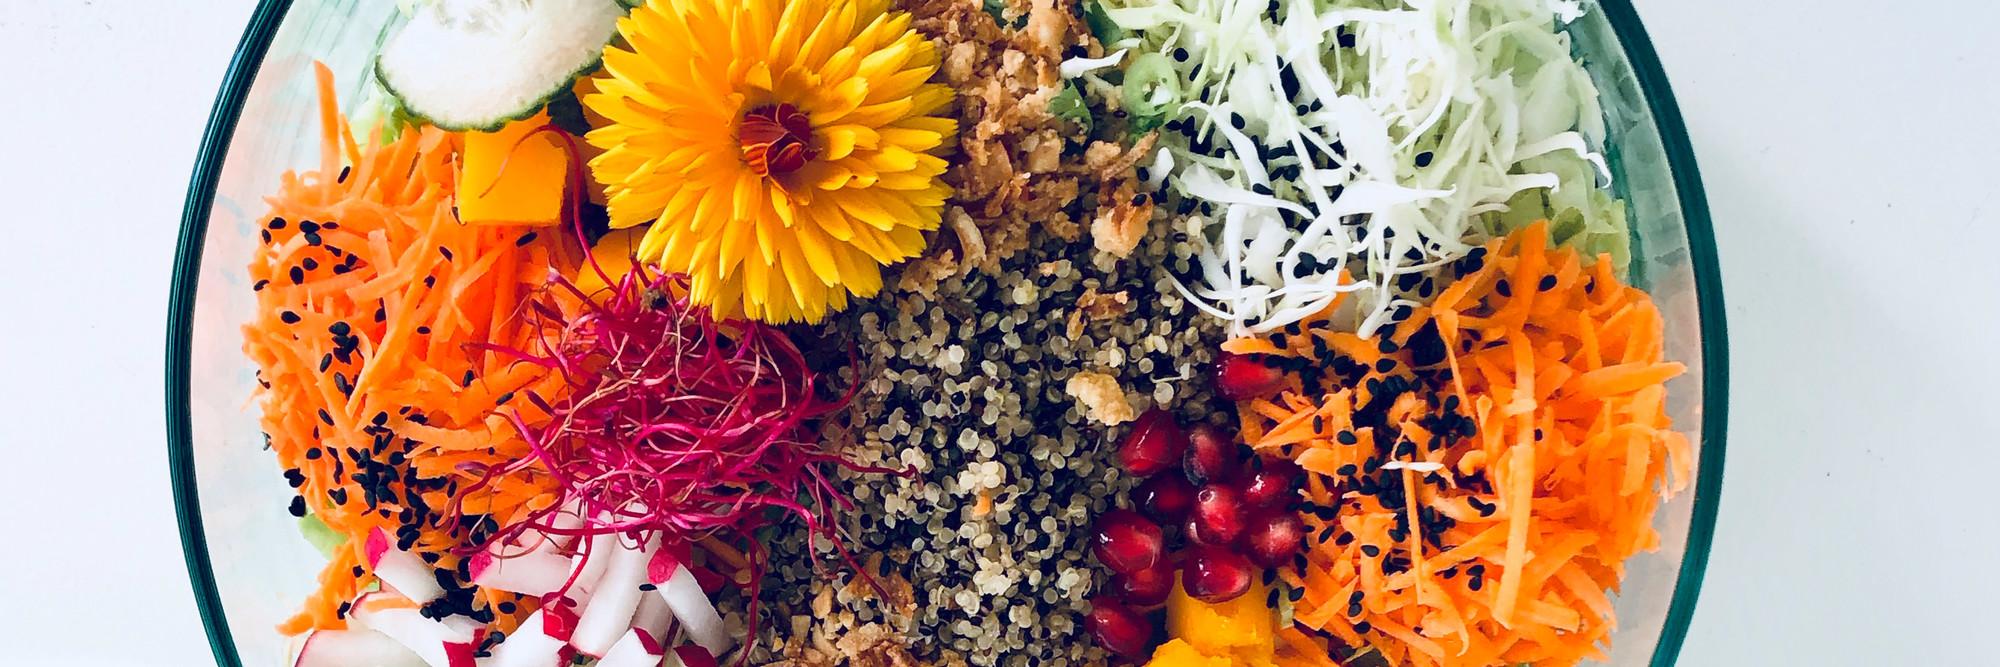 Les plats Kale Food : faites le plein de saveurs et d'énergie !